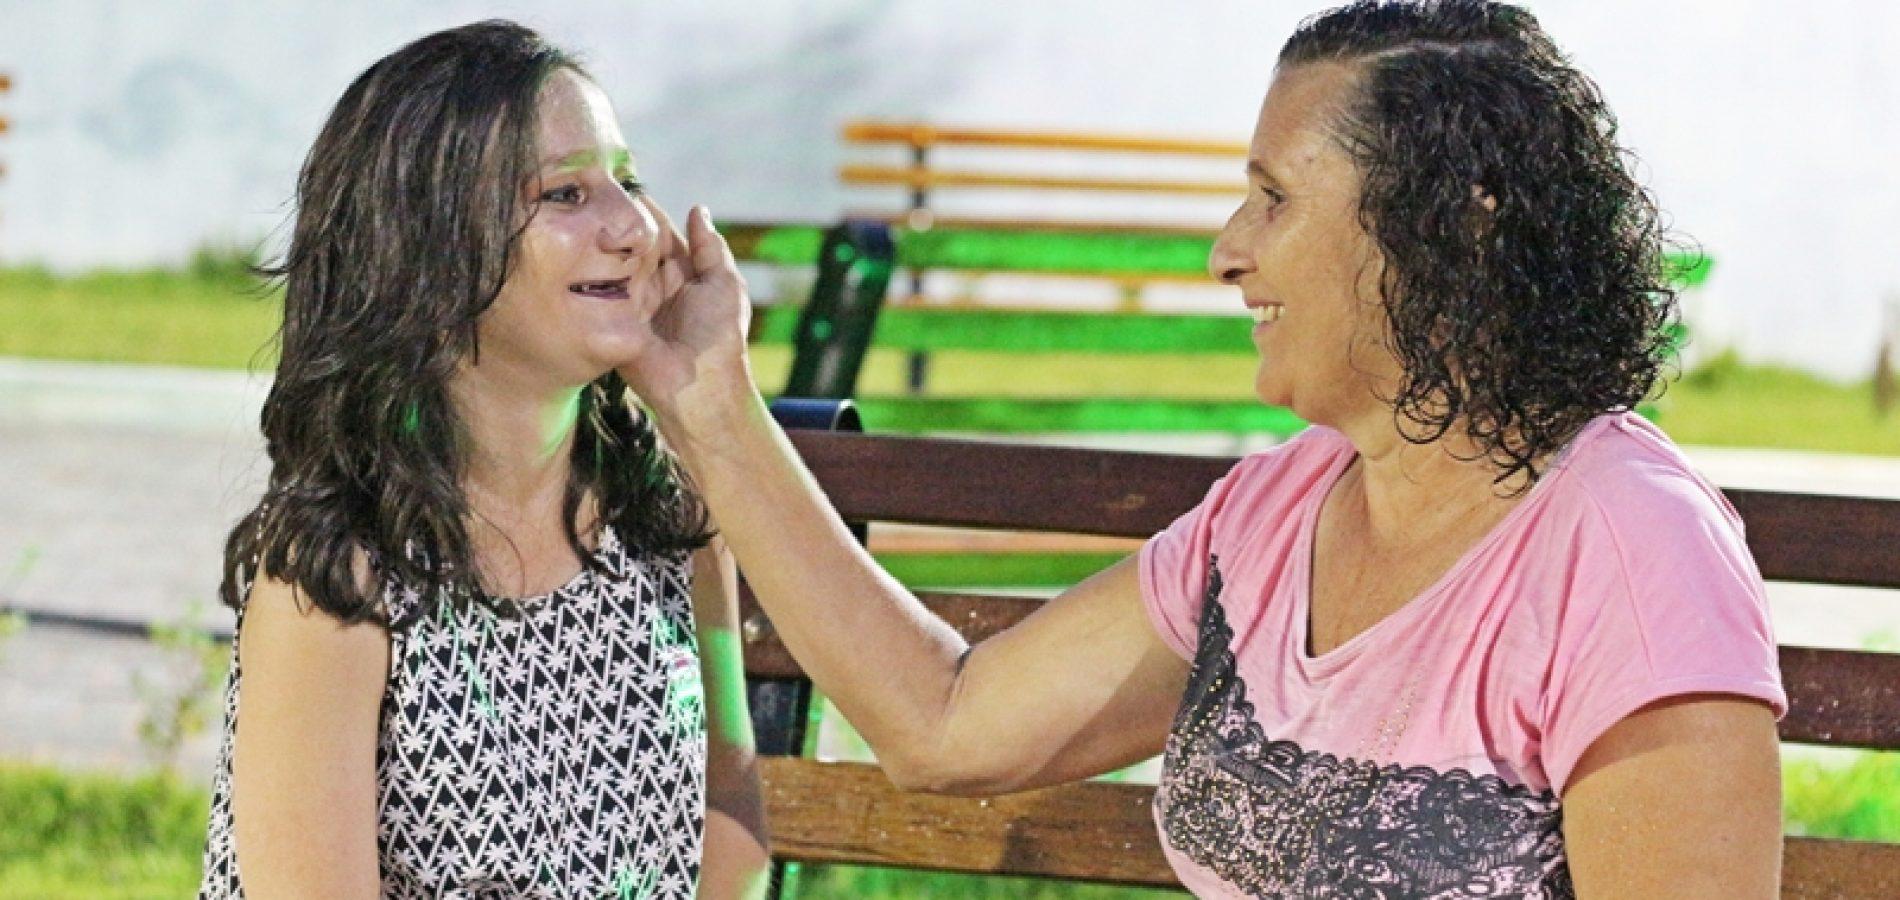 MASSAPÊ DO PIAUÍ | Veja o ensaio de março do projeto Clicks do Mês e conheça a história da jovem Gilvaneide